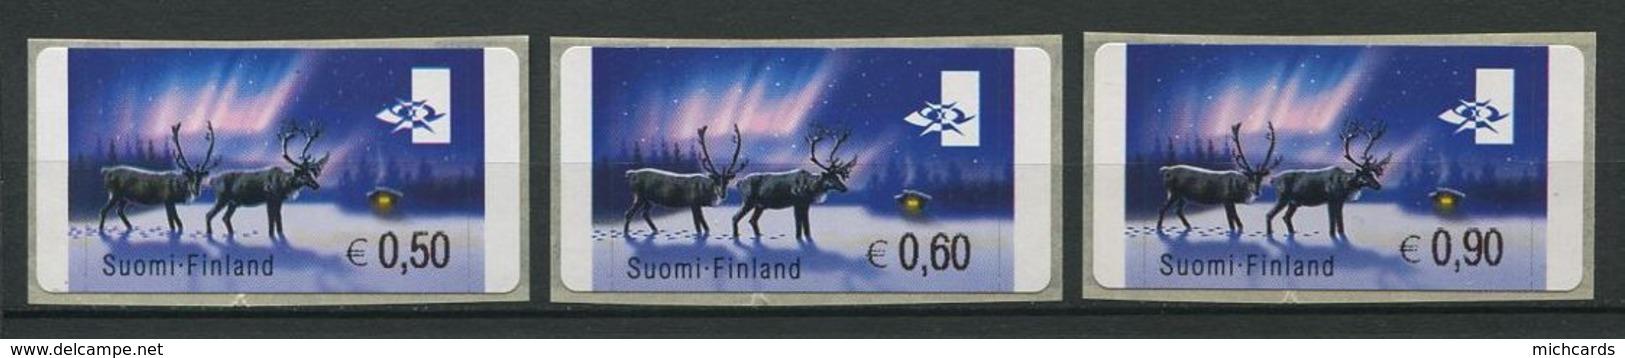 255 FINLANDE 2000/02 - Yvert 31 Distributeur Adhesif - Renne Neige - Neuf ** (MNH) Sans Trace De Charniere - Finland